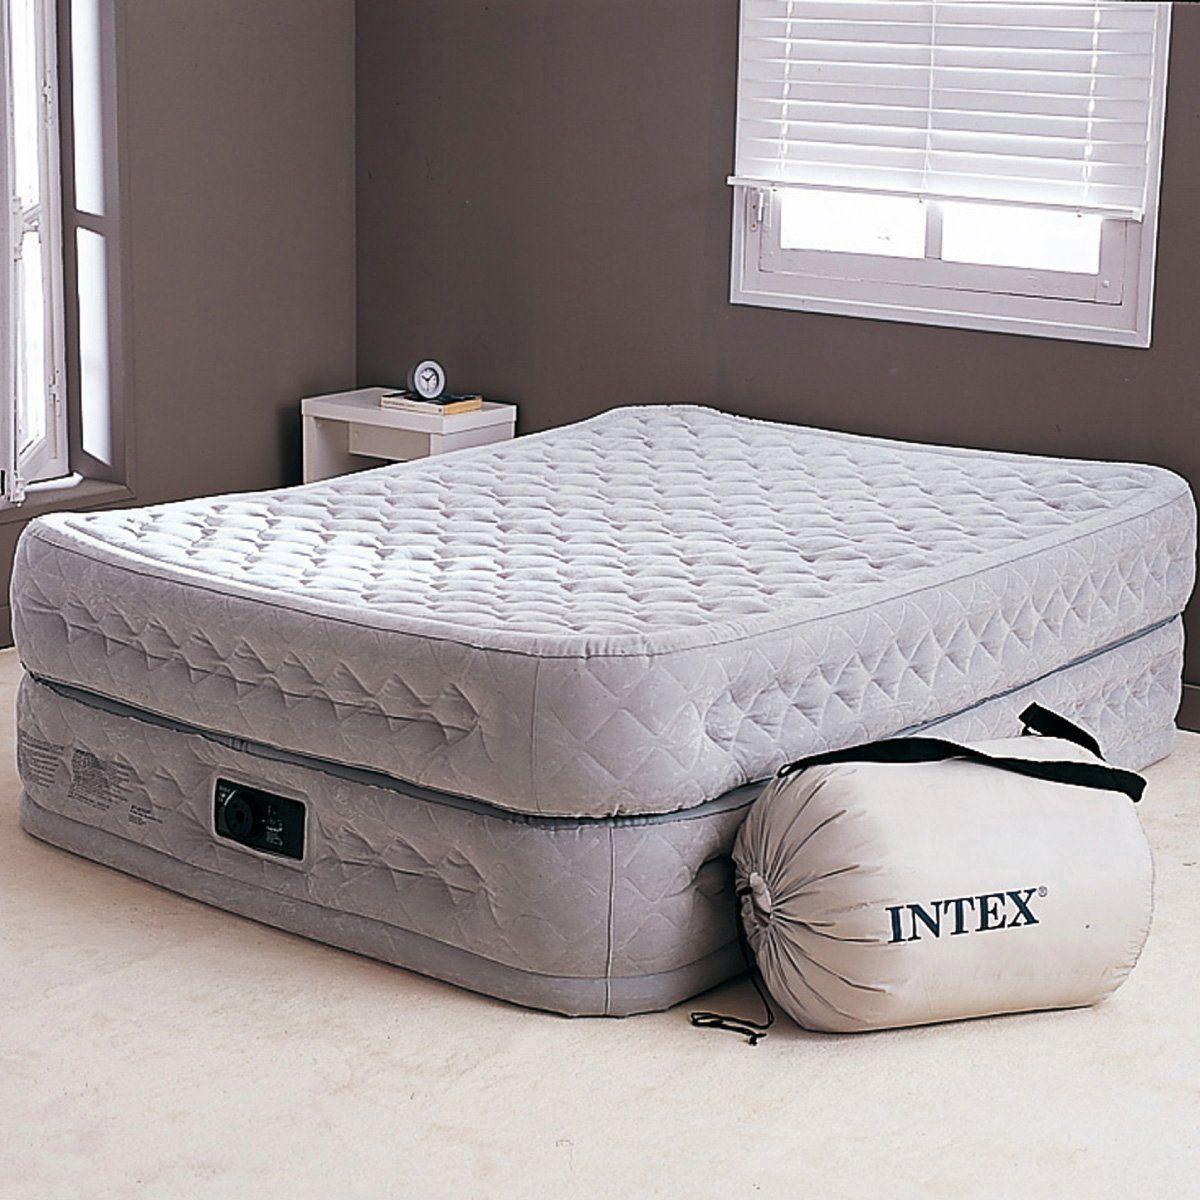 Lit Gonflable Confort Supreme 2 Personnes Autre Intex Lit Gonflable